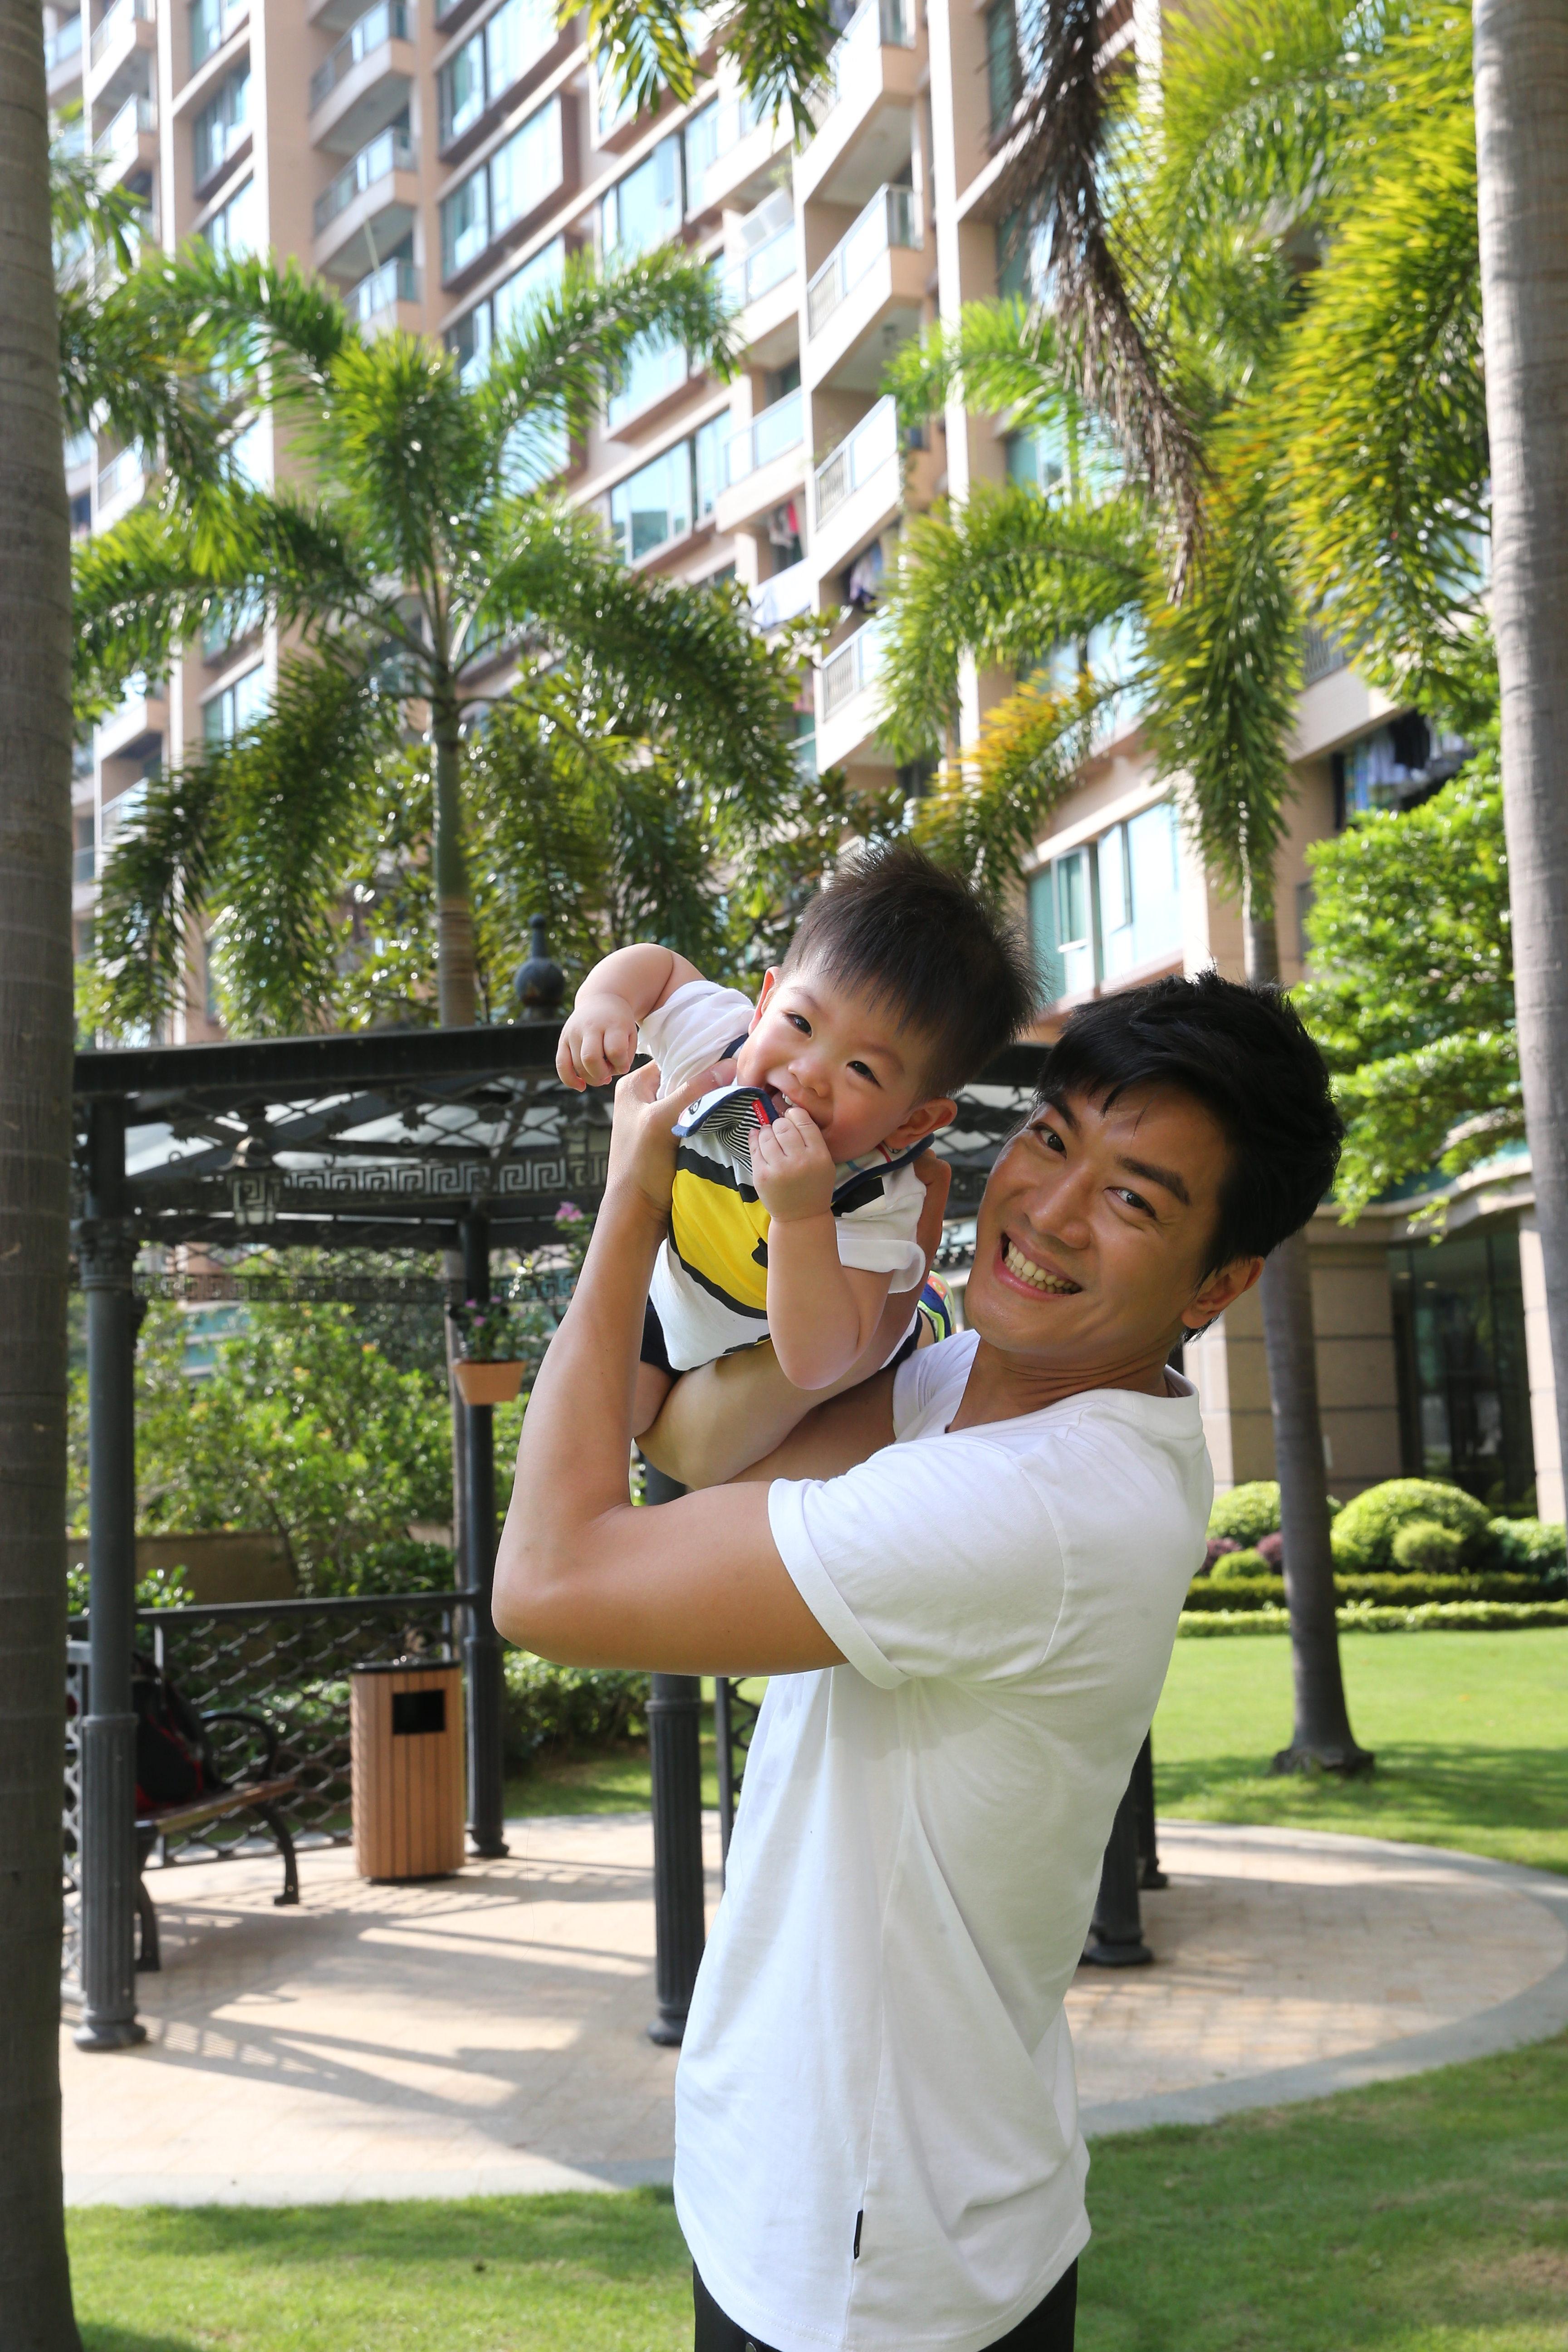 黎諾懿去年榮陞爸爸,經過這些日子的磨練,他自誇為熟手技工。